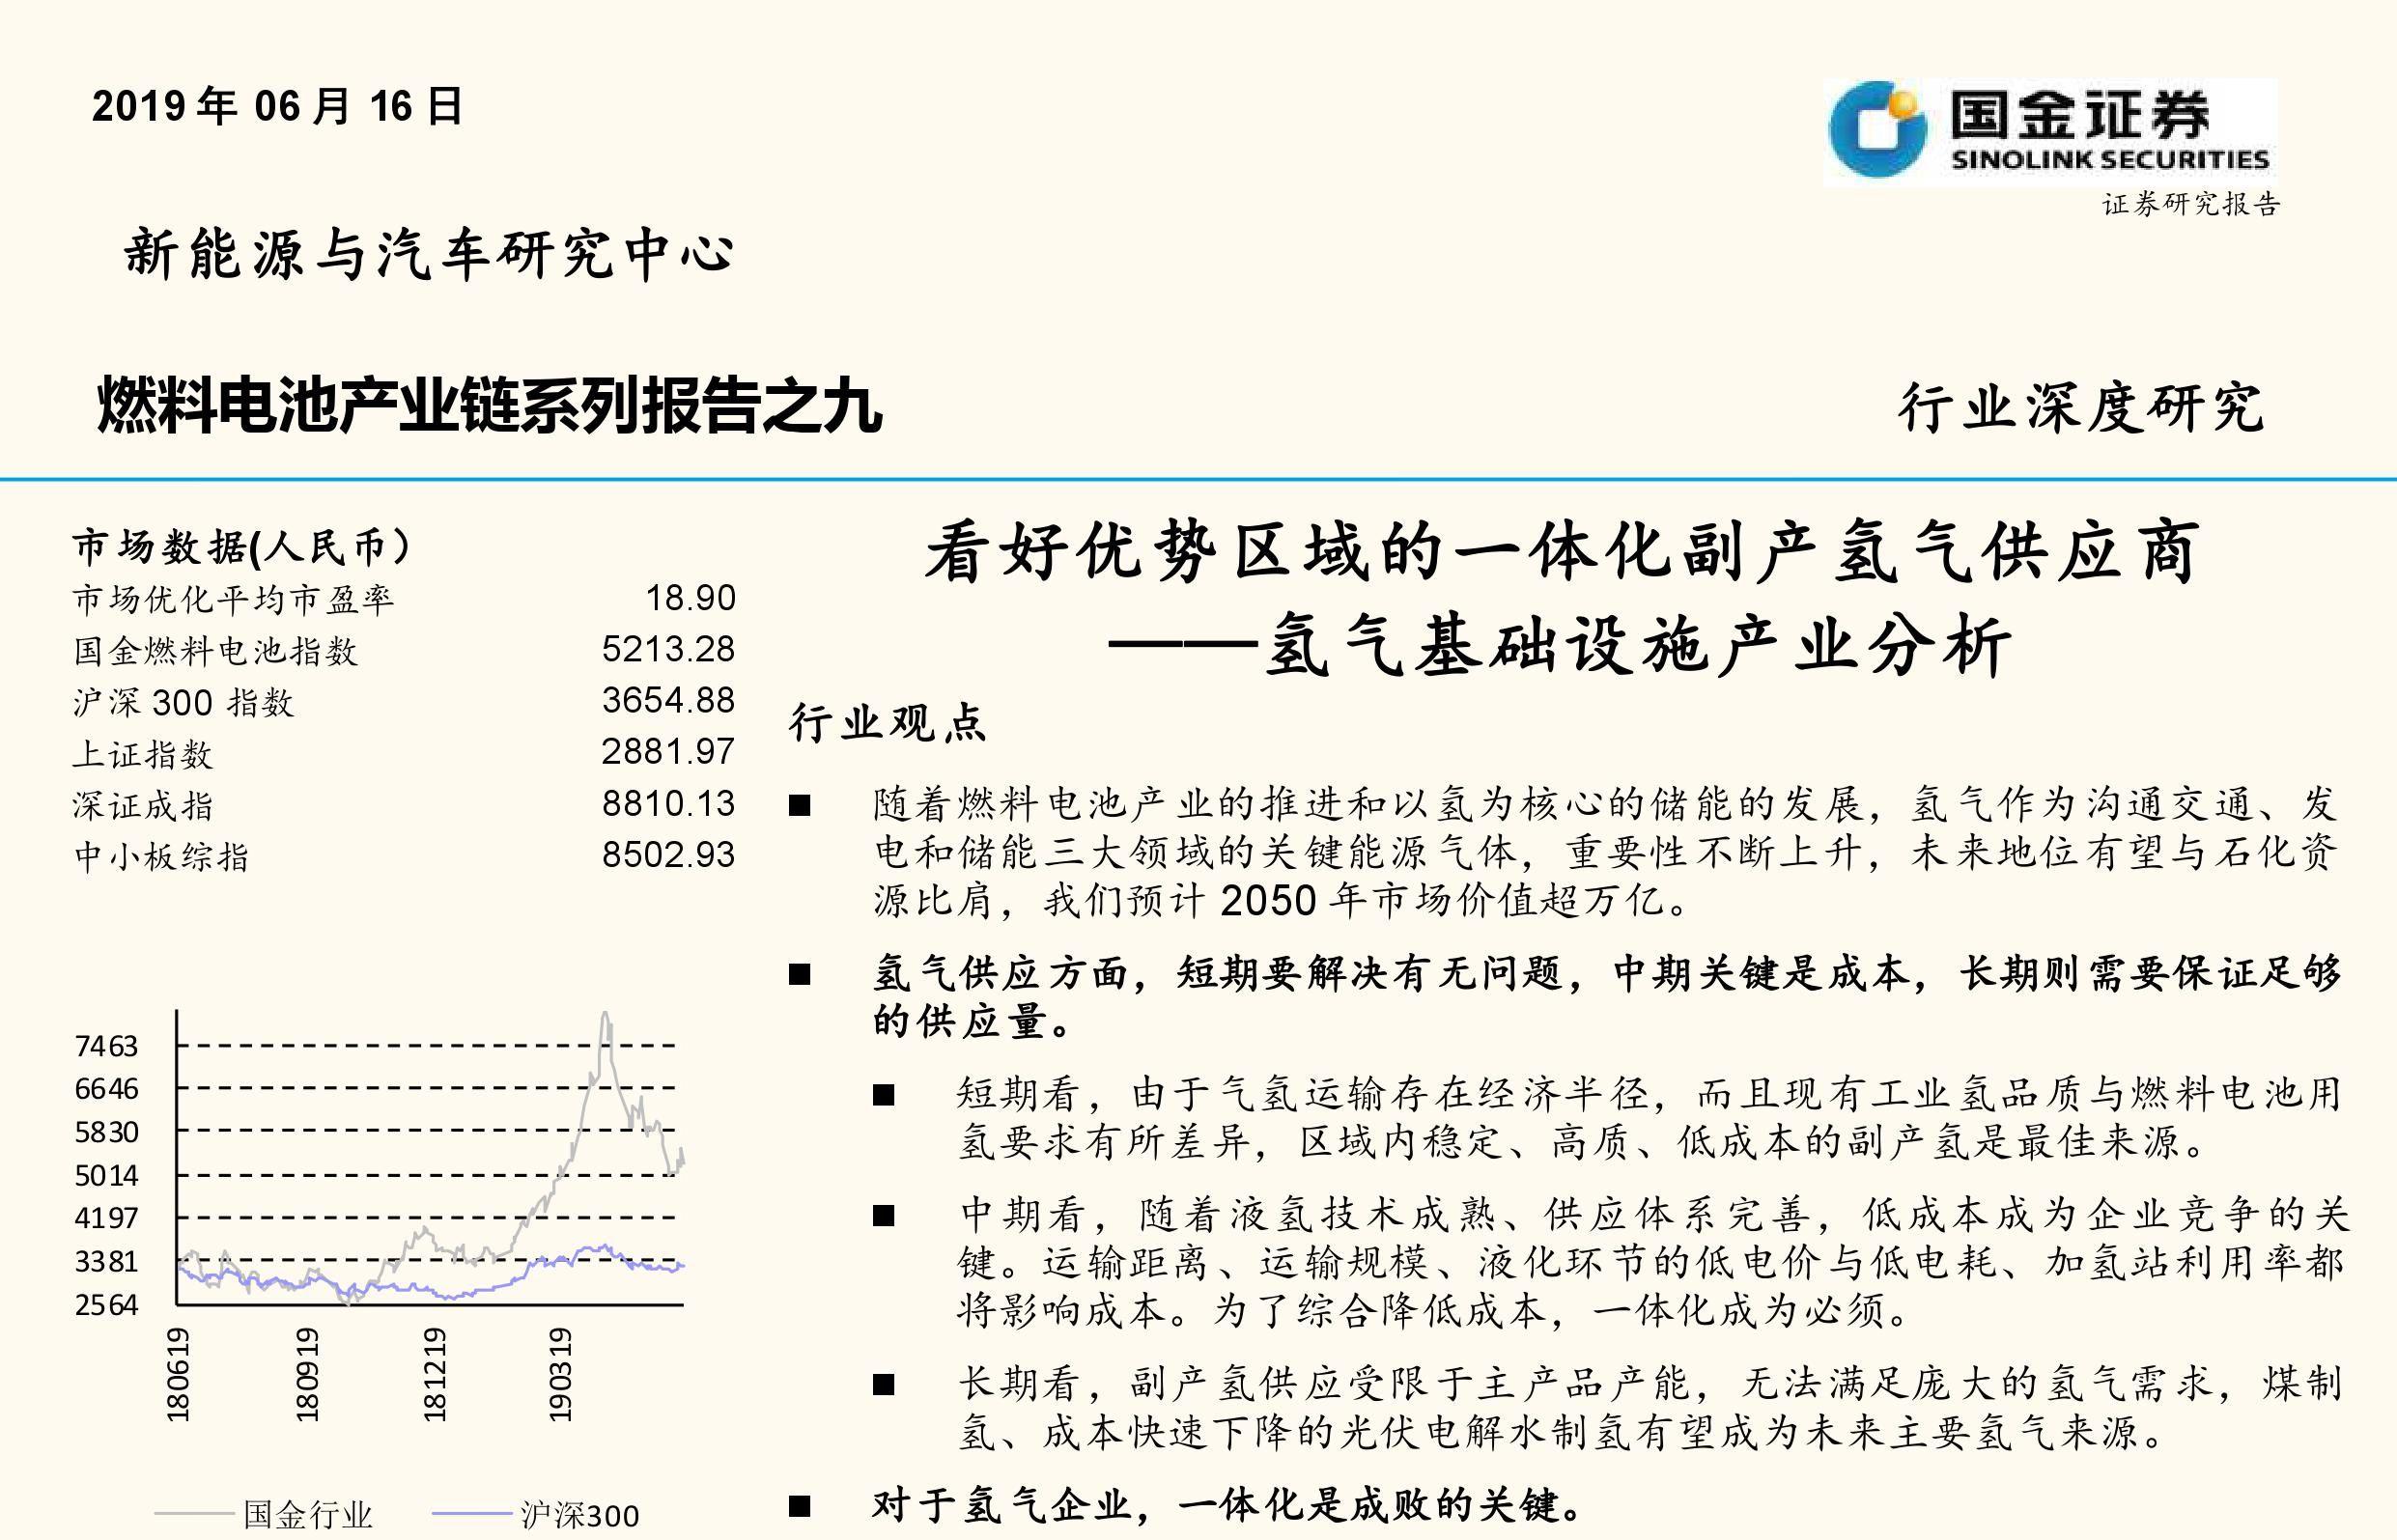 氢气基础设施产业分析(燃料电池行业产业链系列报告)